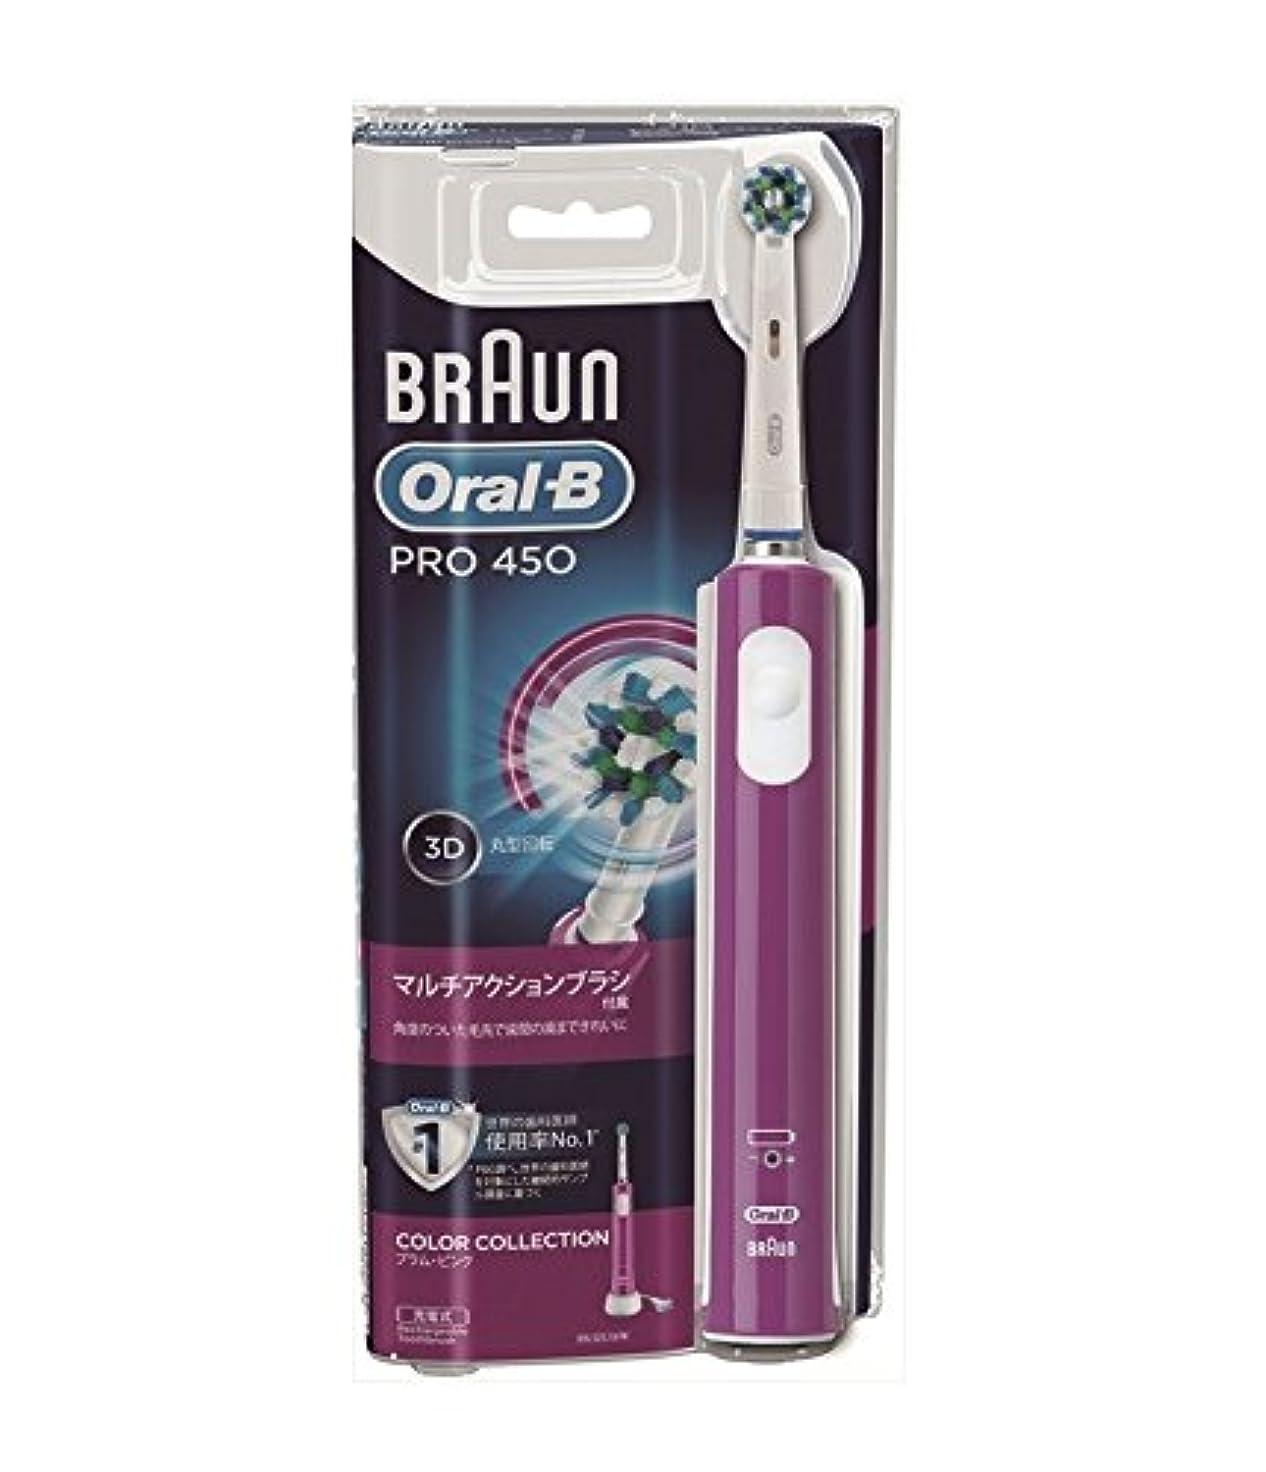 蘇生する礼拝マラドロイトブラウン オーラルB 電動歯ブラシ PRO450 プラムピンク